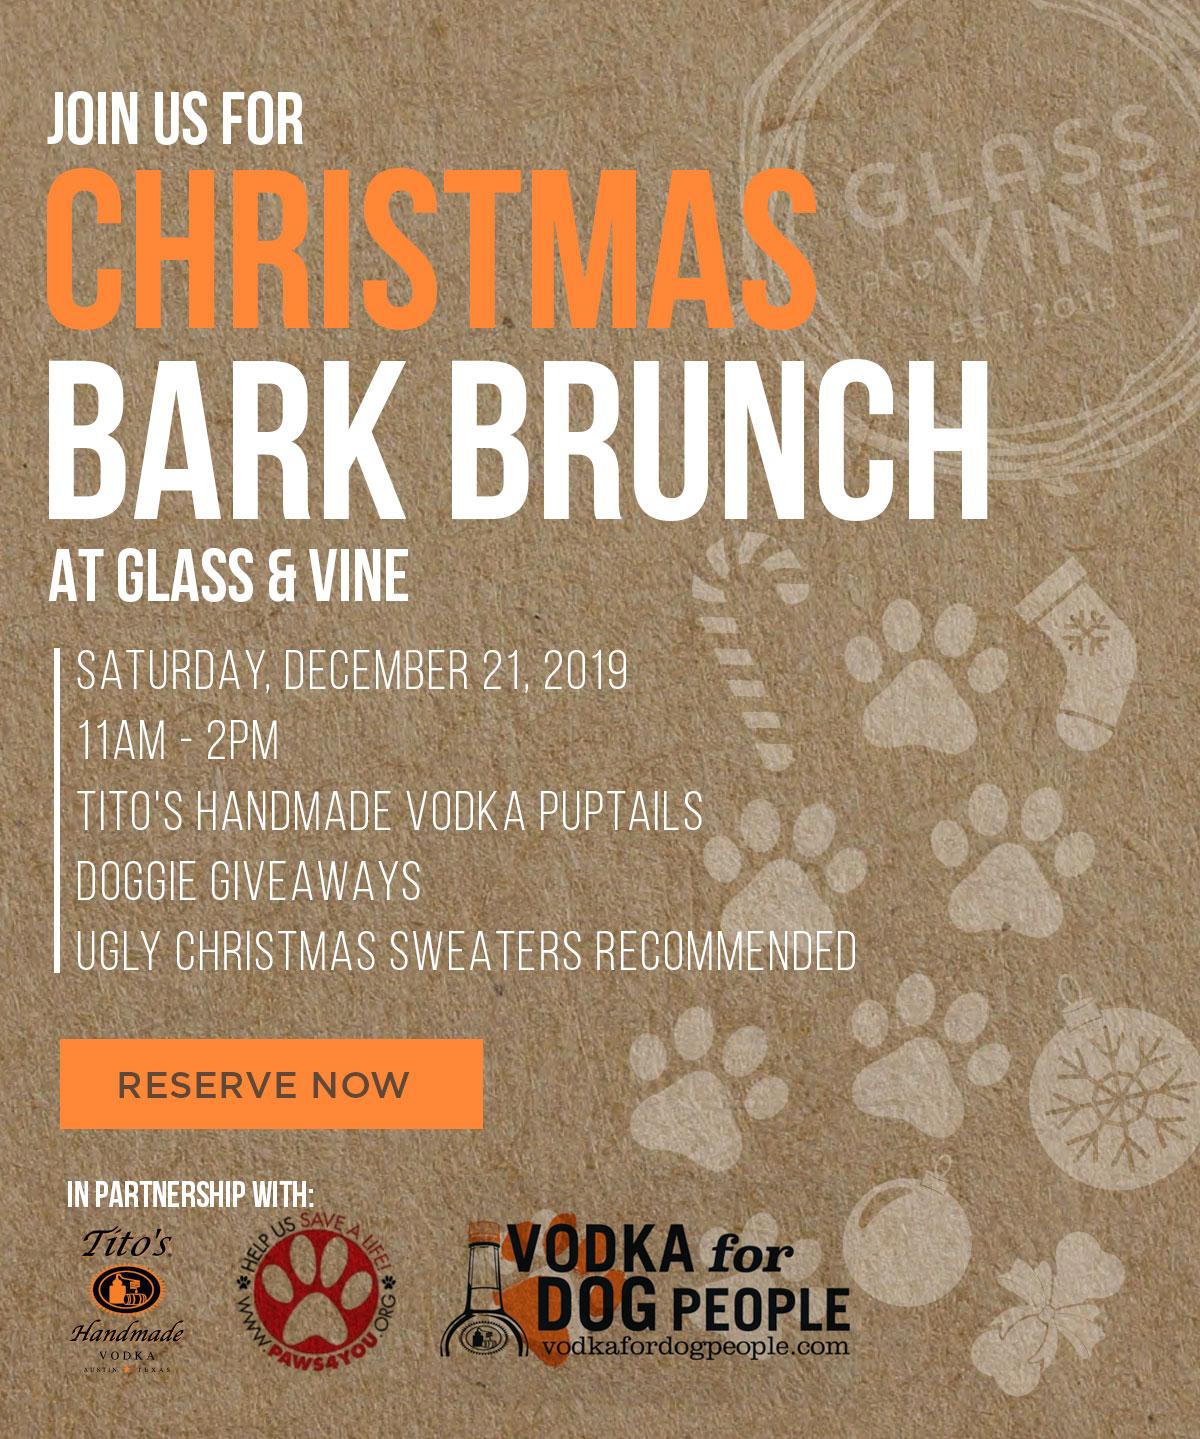 Christmas Bark Brunch at Glass & Vine @ Glass & Vine